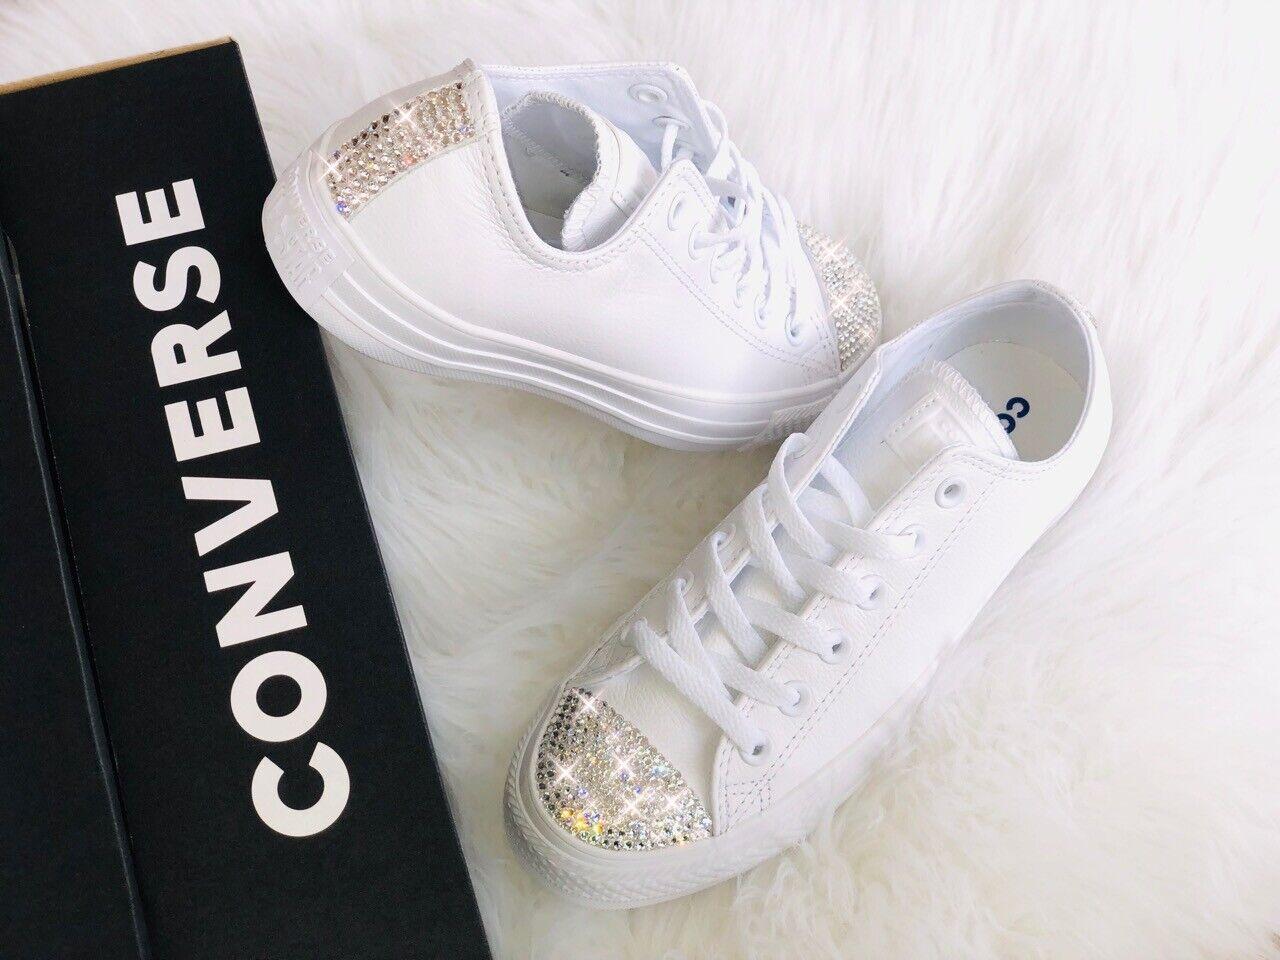 Converse All Star CT OX Weiß Leder mit Swarovski Elements Luxus Turnschuhe weiss